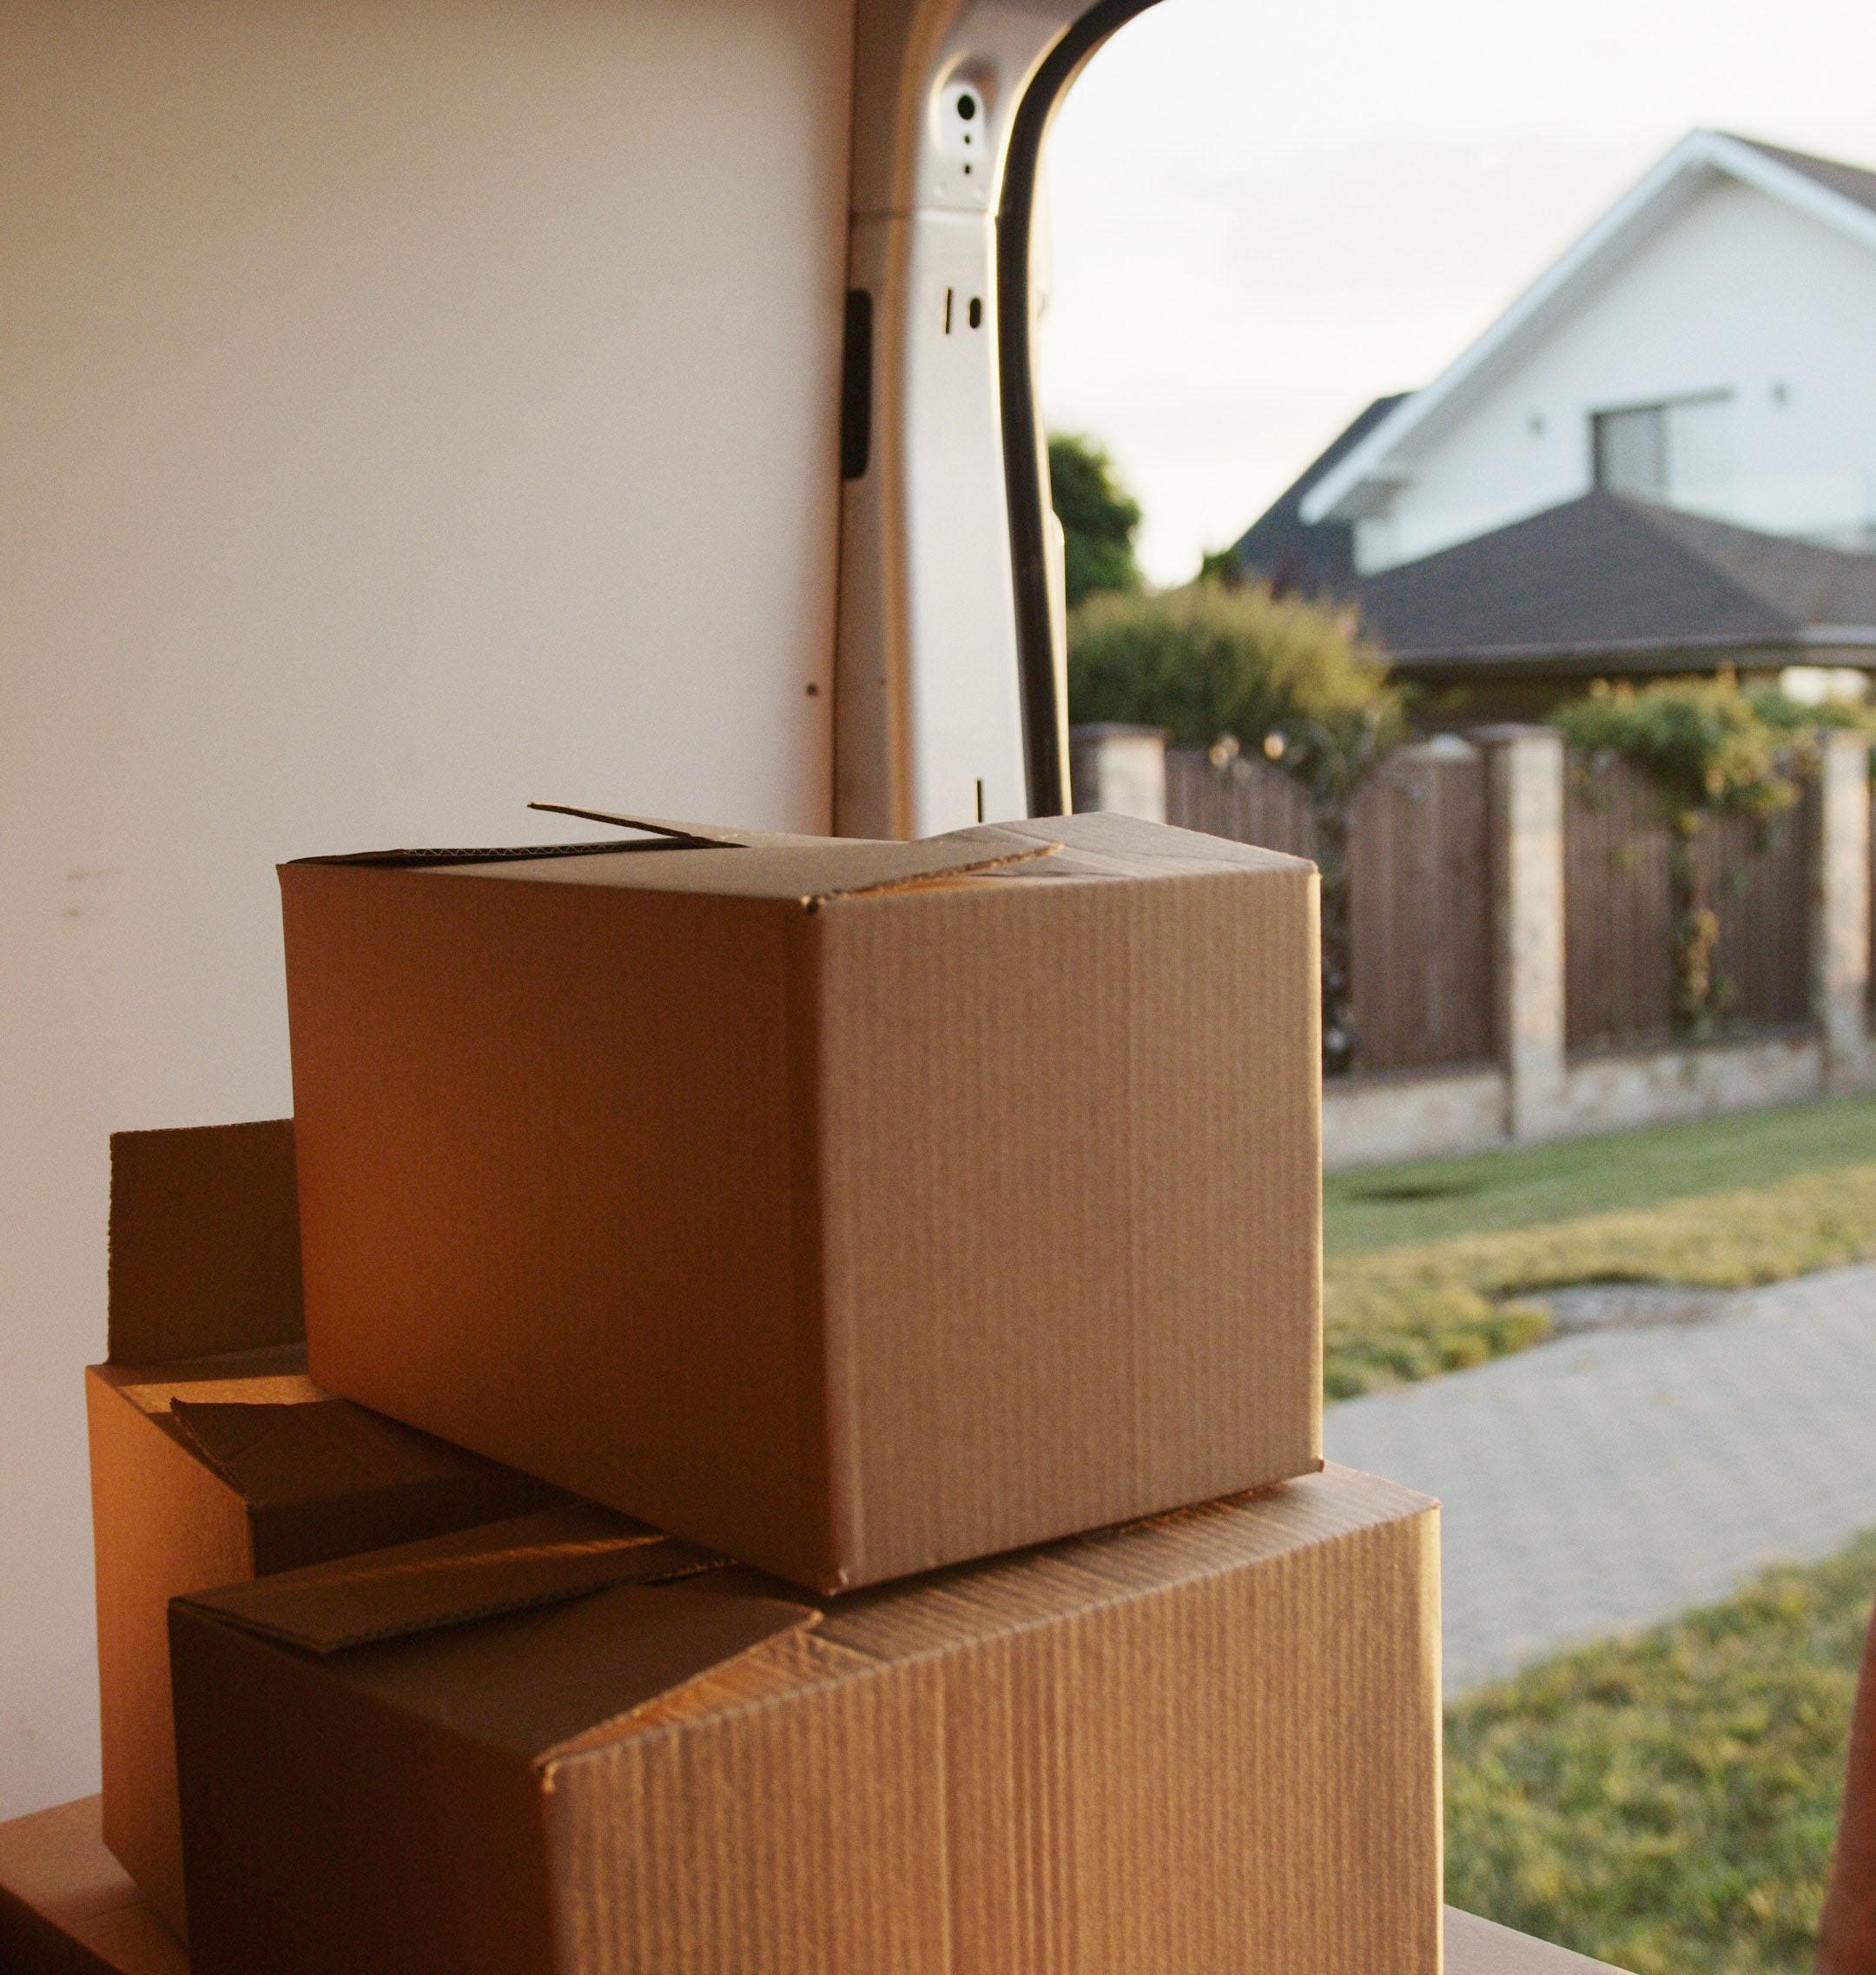 Moving box in van